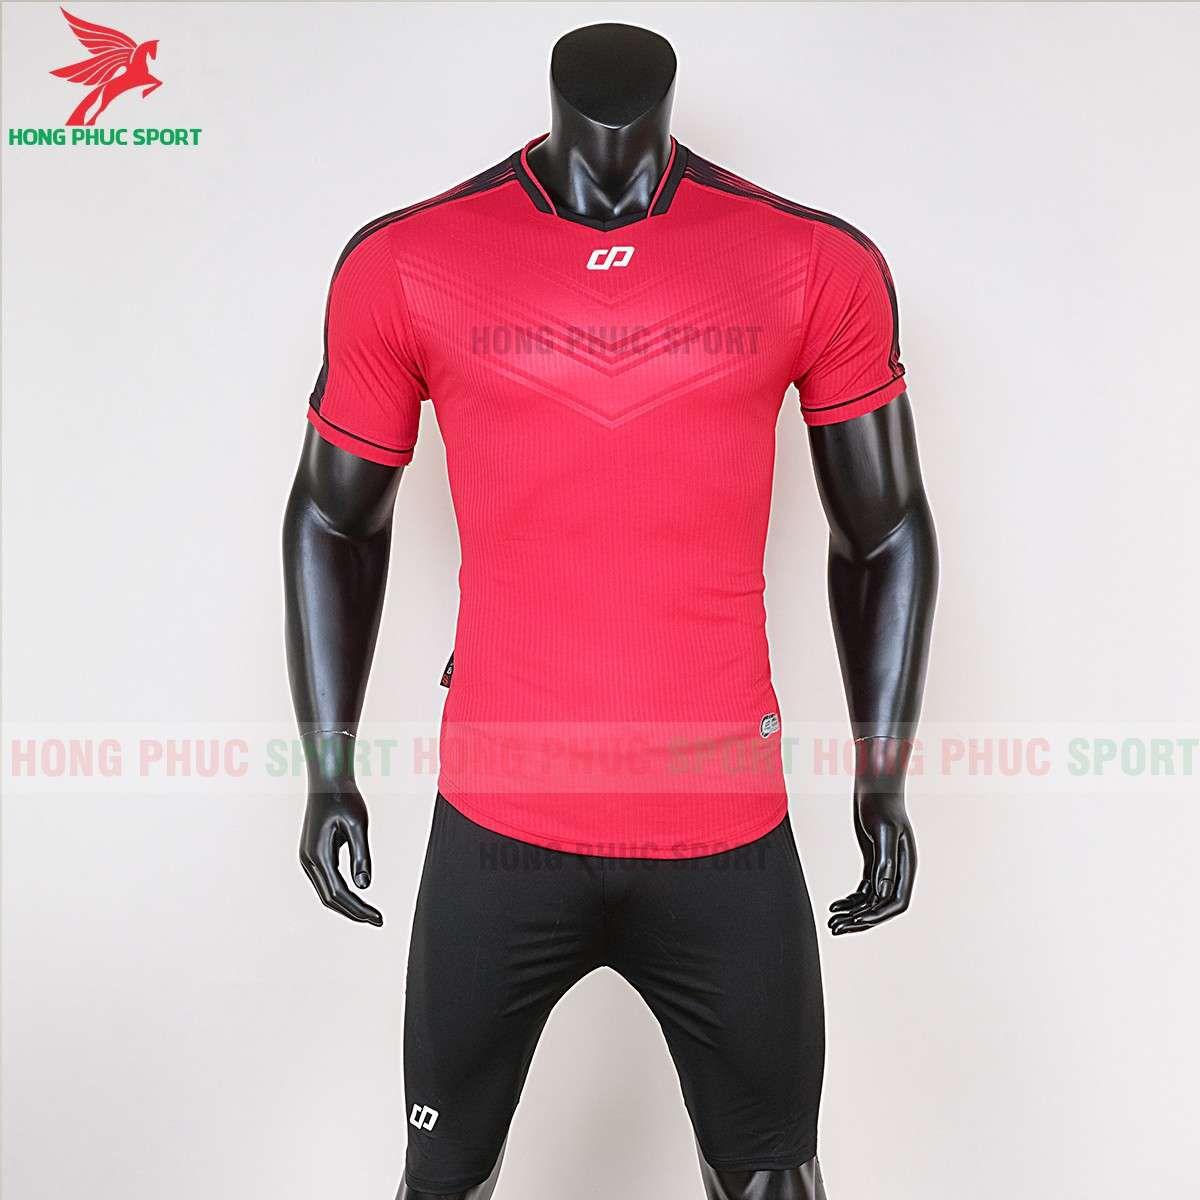 https://cdn.hongphucsport.com/unsafe/cdn.hongphucsport.com/dothethao.net.vn/wp-content/uploads/2020/02/ao-bong-da-khong-logo-cp-otis-do.jpg